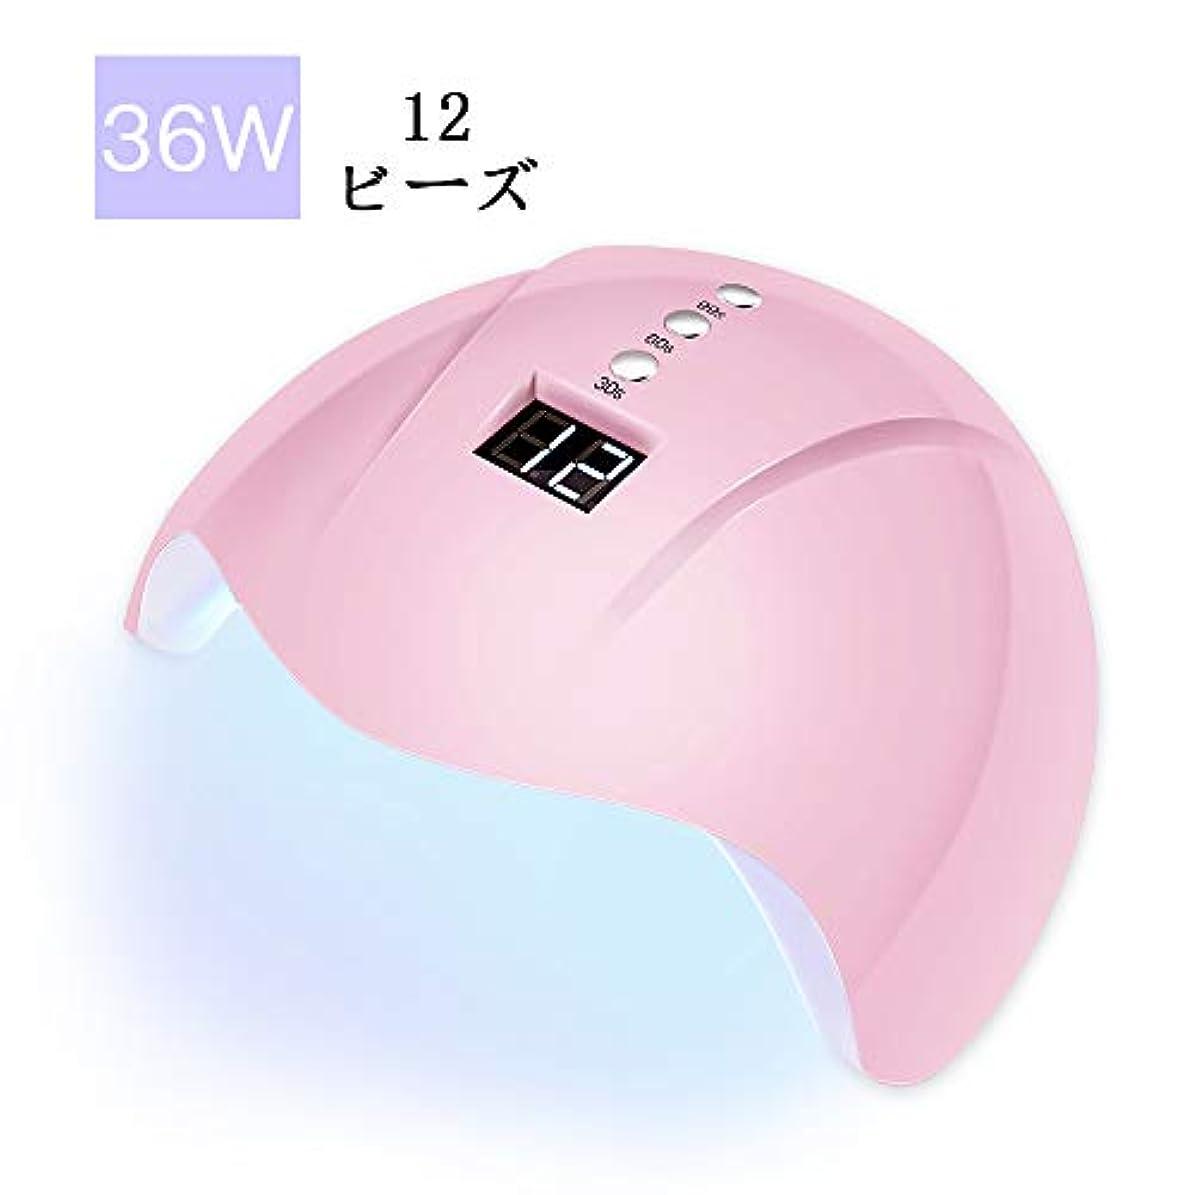 感謝クレタ位置するWEVILI 2019最新版 UV LED ジェルネイル ライト ネイルドライヤー 全ジェル対応 自動センサー 3段階タイマー設定 12LED 高速硬化